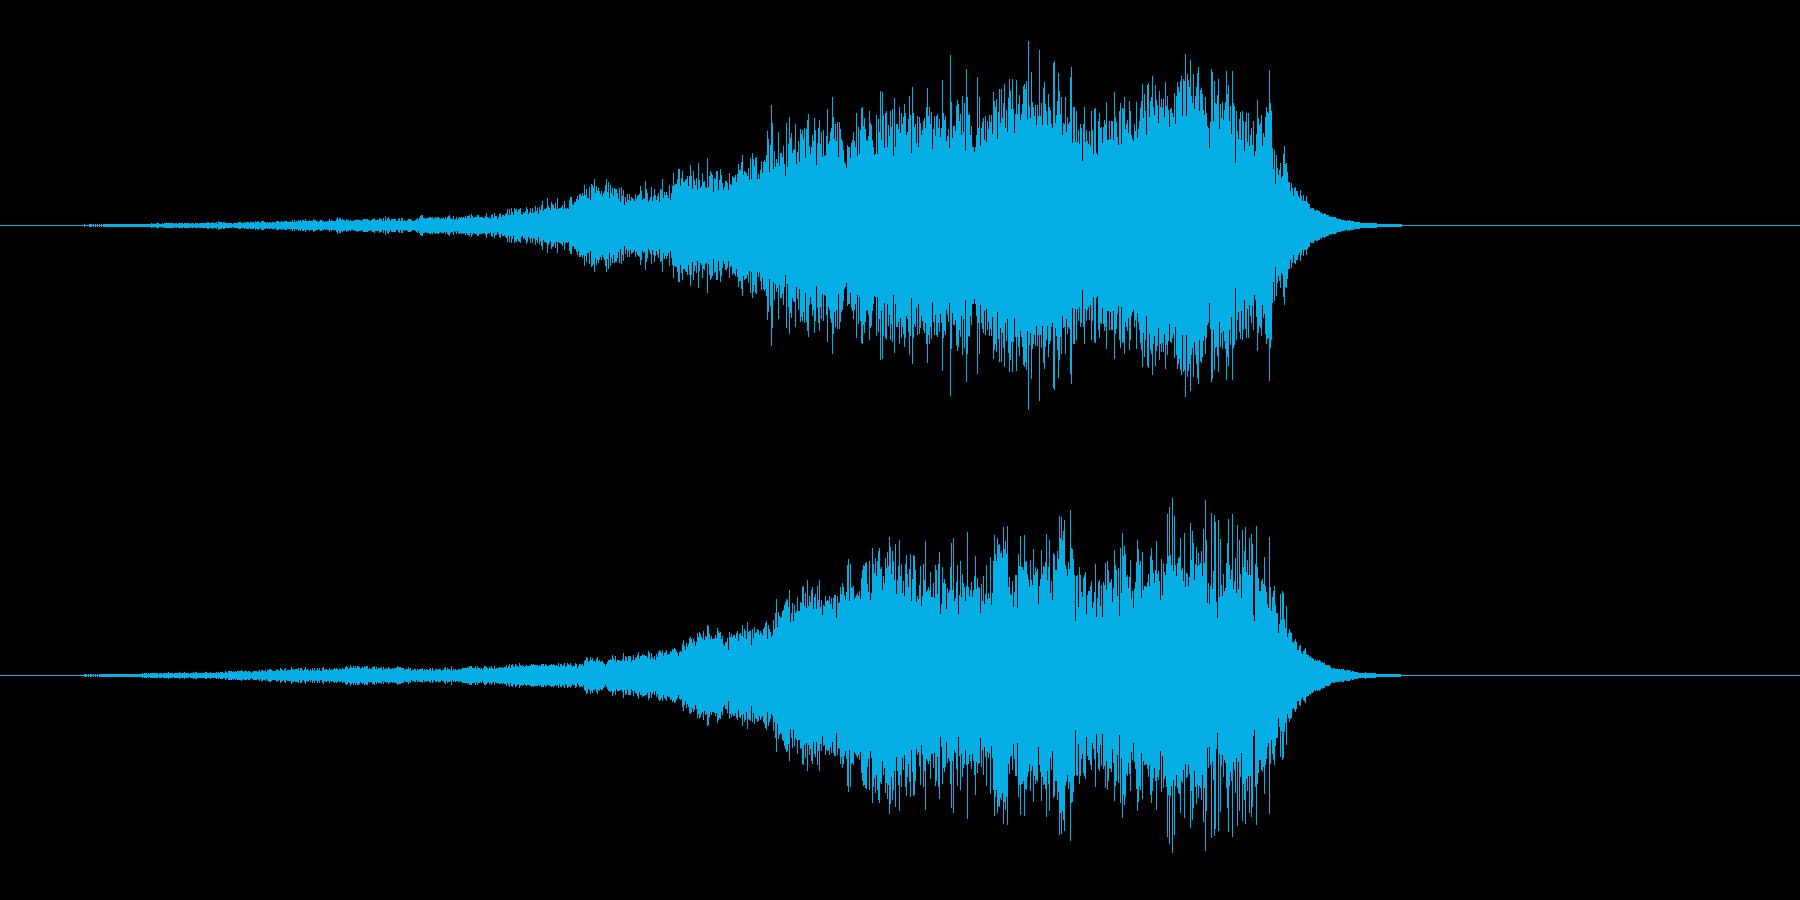 シャーーー 剣を鞘からゆっくり抜く音 …の再生済みの波形